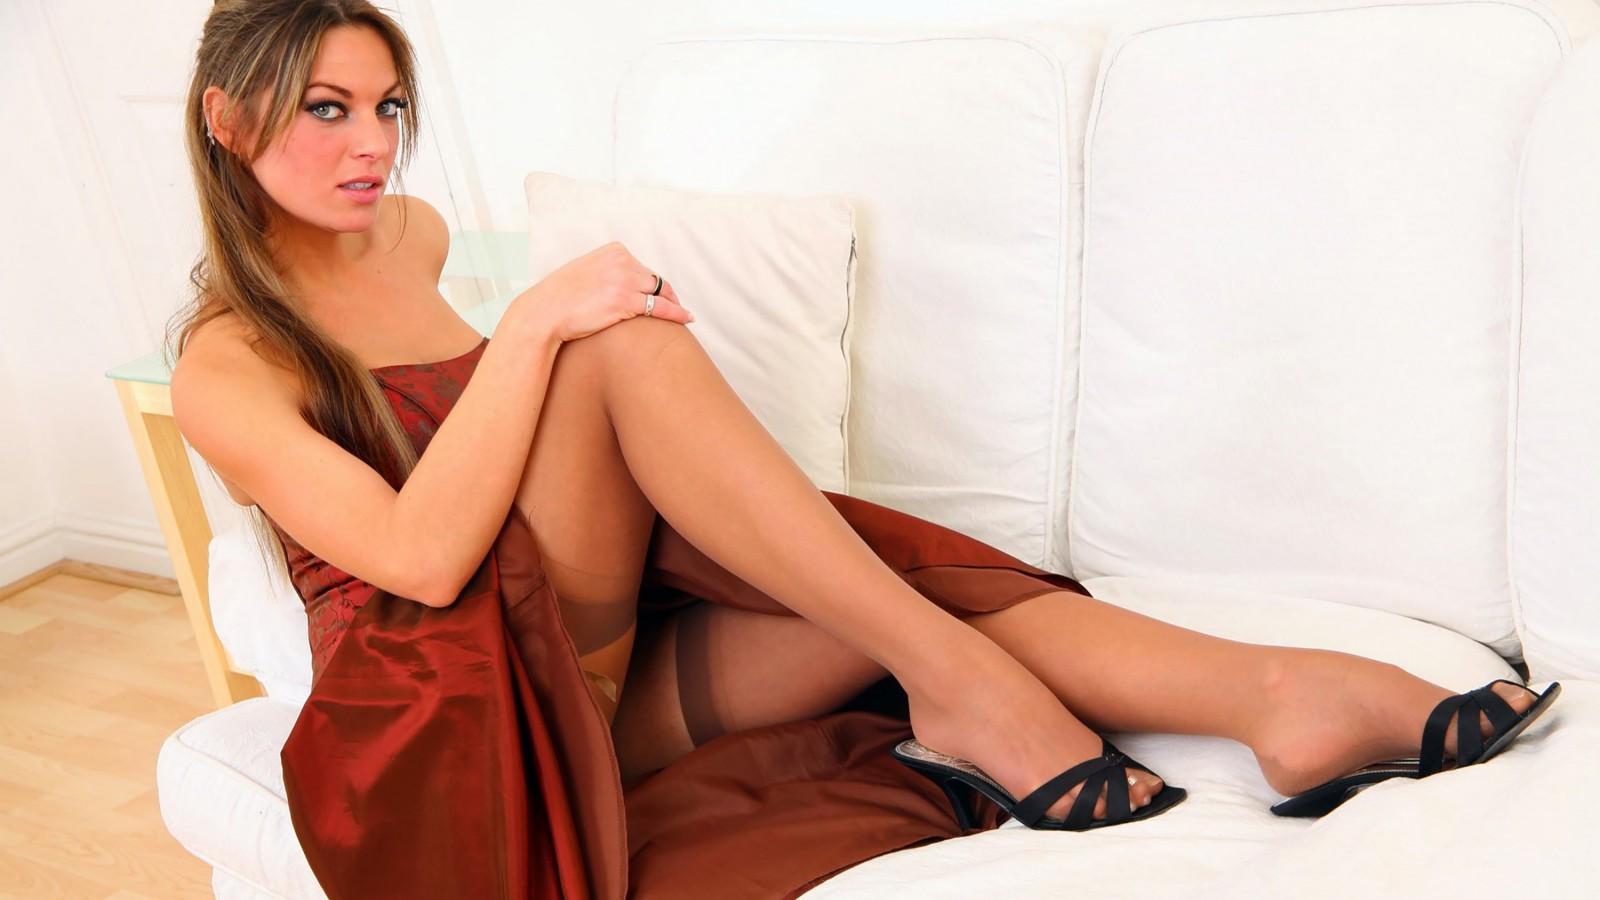 Фото короткие платья без трусиков, Девушка в коротком платье без трусиков. Фото 6 фотография